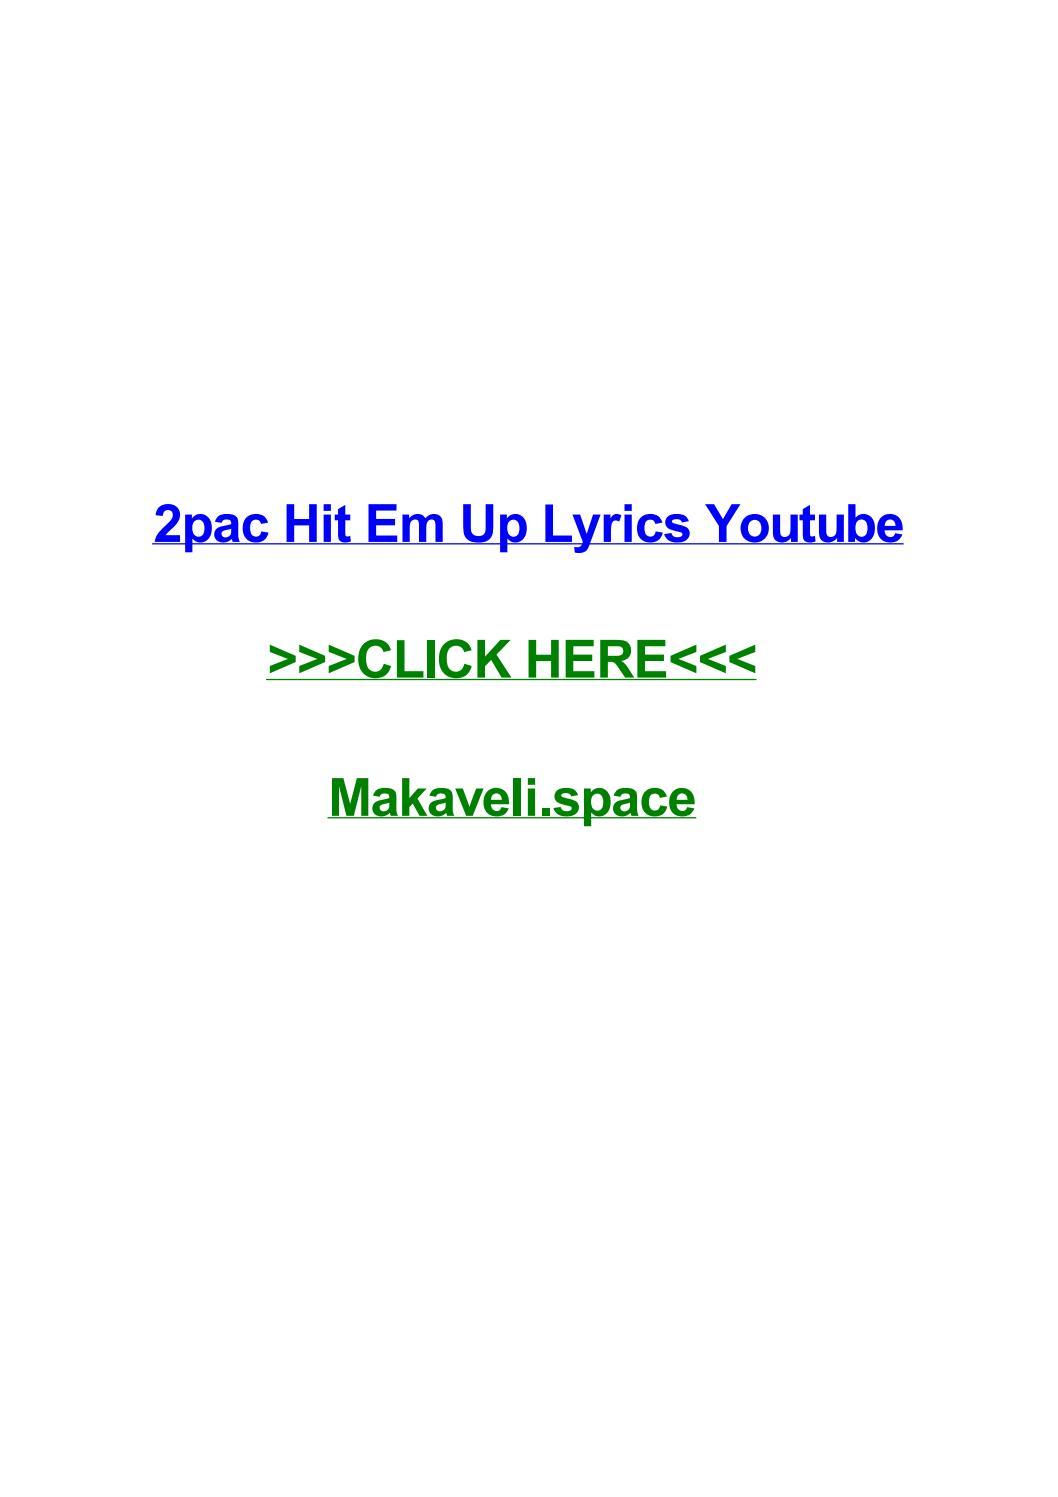 2pac hit em up lyrics youtube by daniellentou - issuu